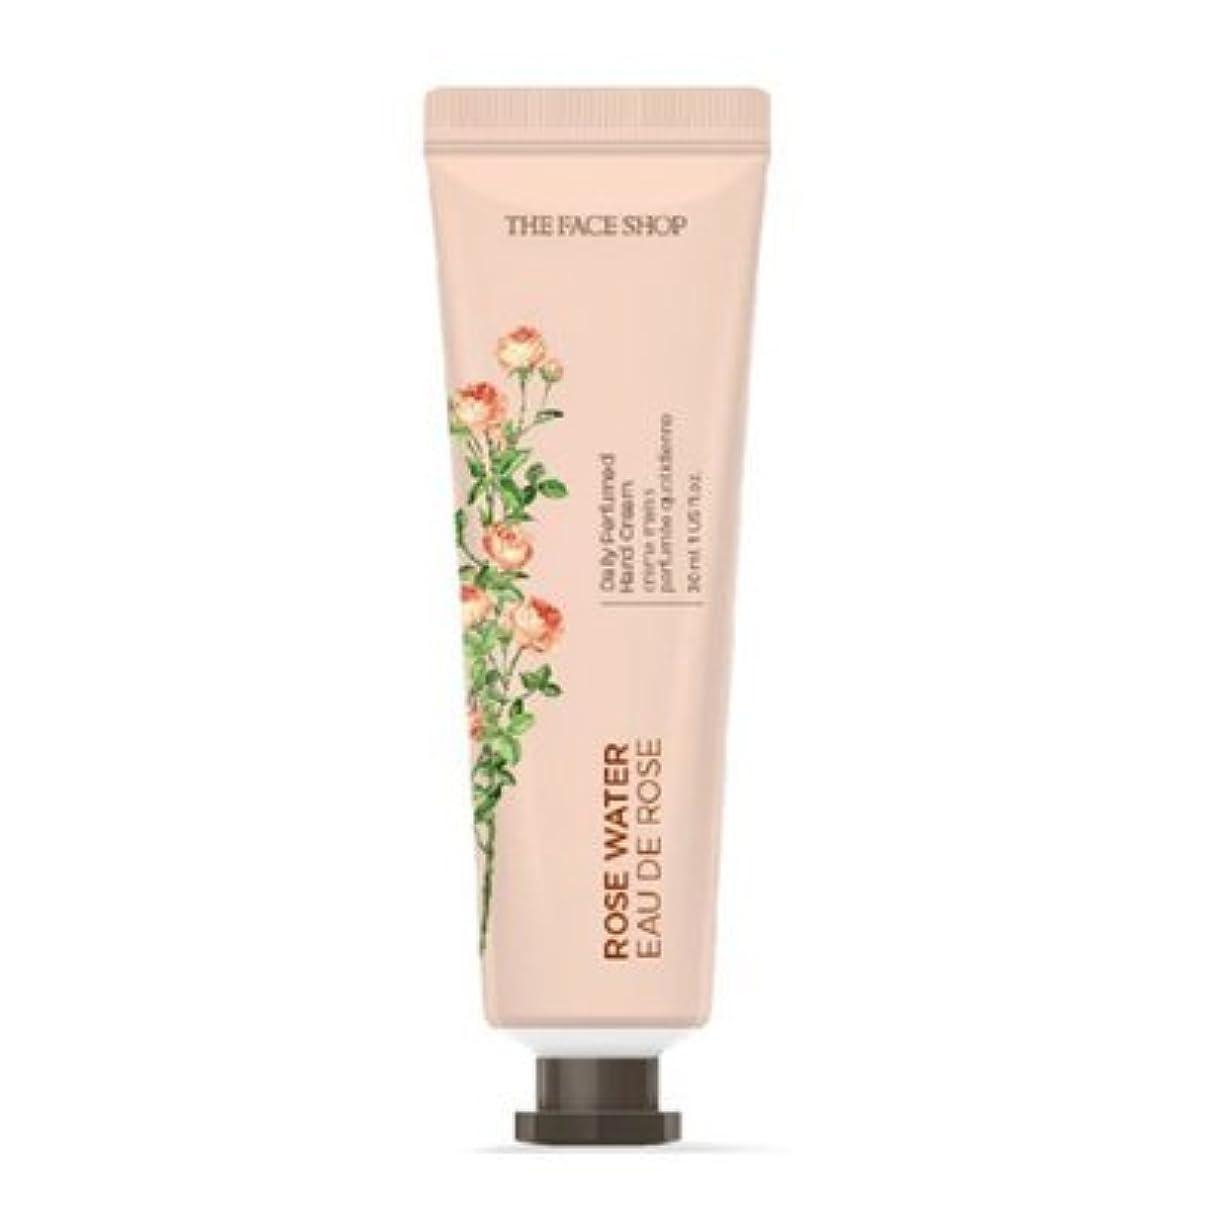 代表少なくとも固める[1+1] THE FACE SHOP Daily Perfume Hand Cream [01.Rose Water] ザフェイスショップ デイリーパフュームハンドクリーム [01.ローズウォーター] [new] [並行輸入品]